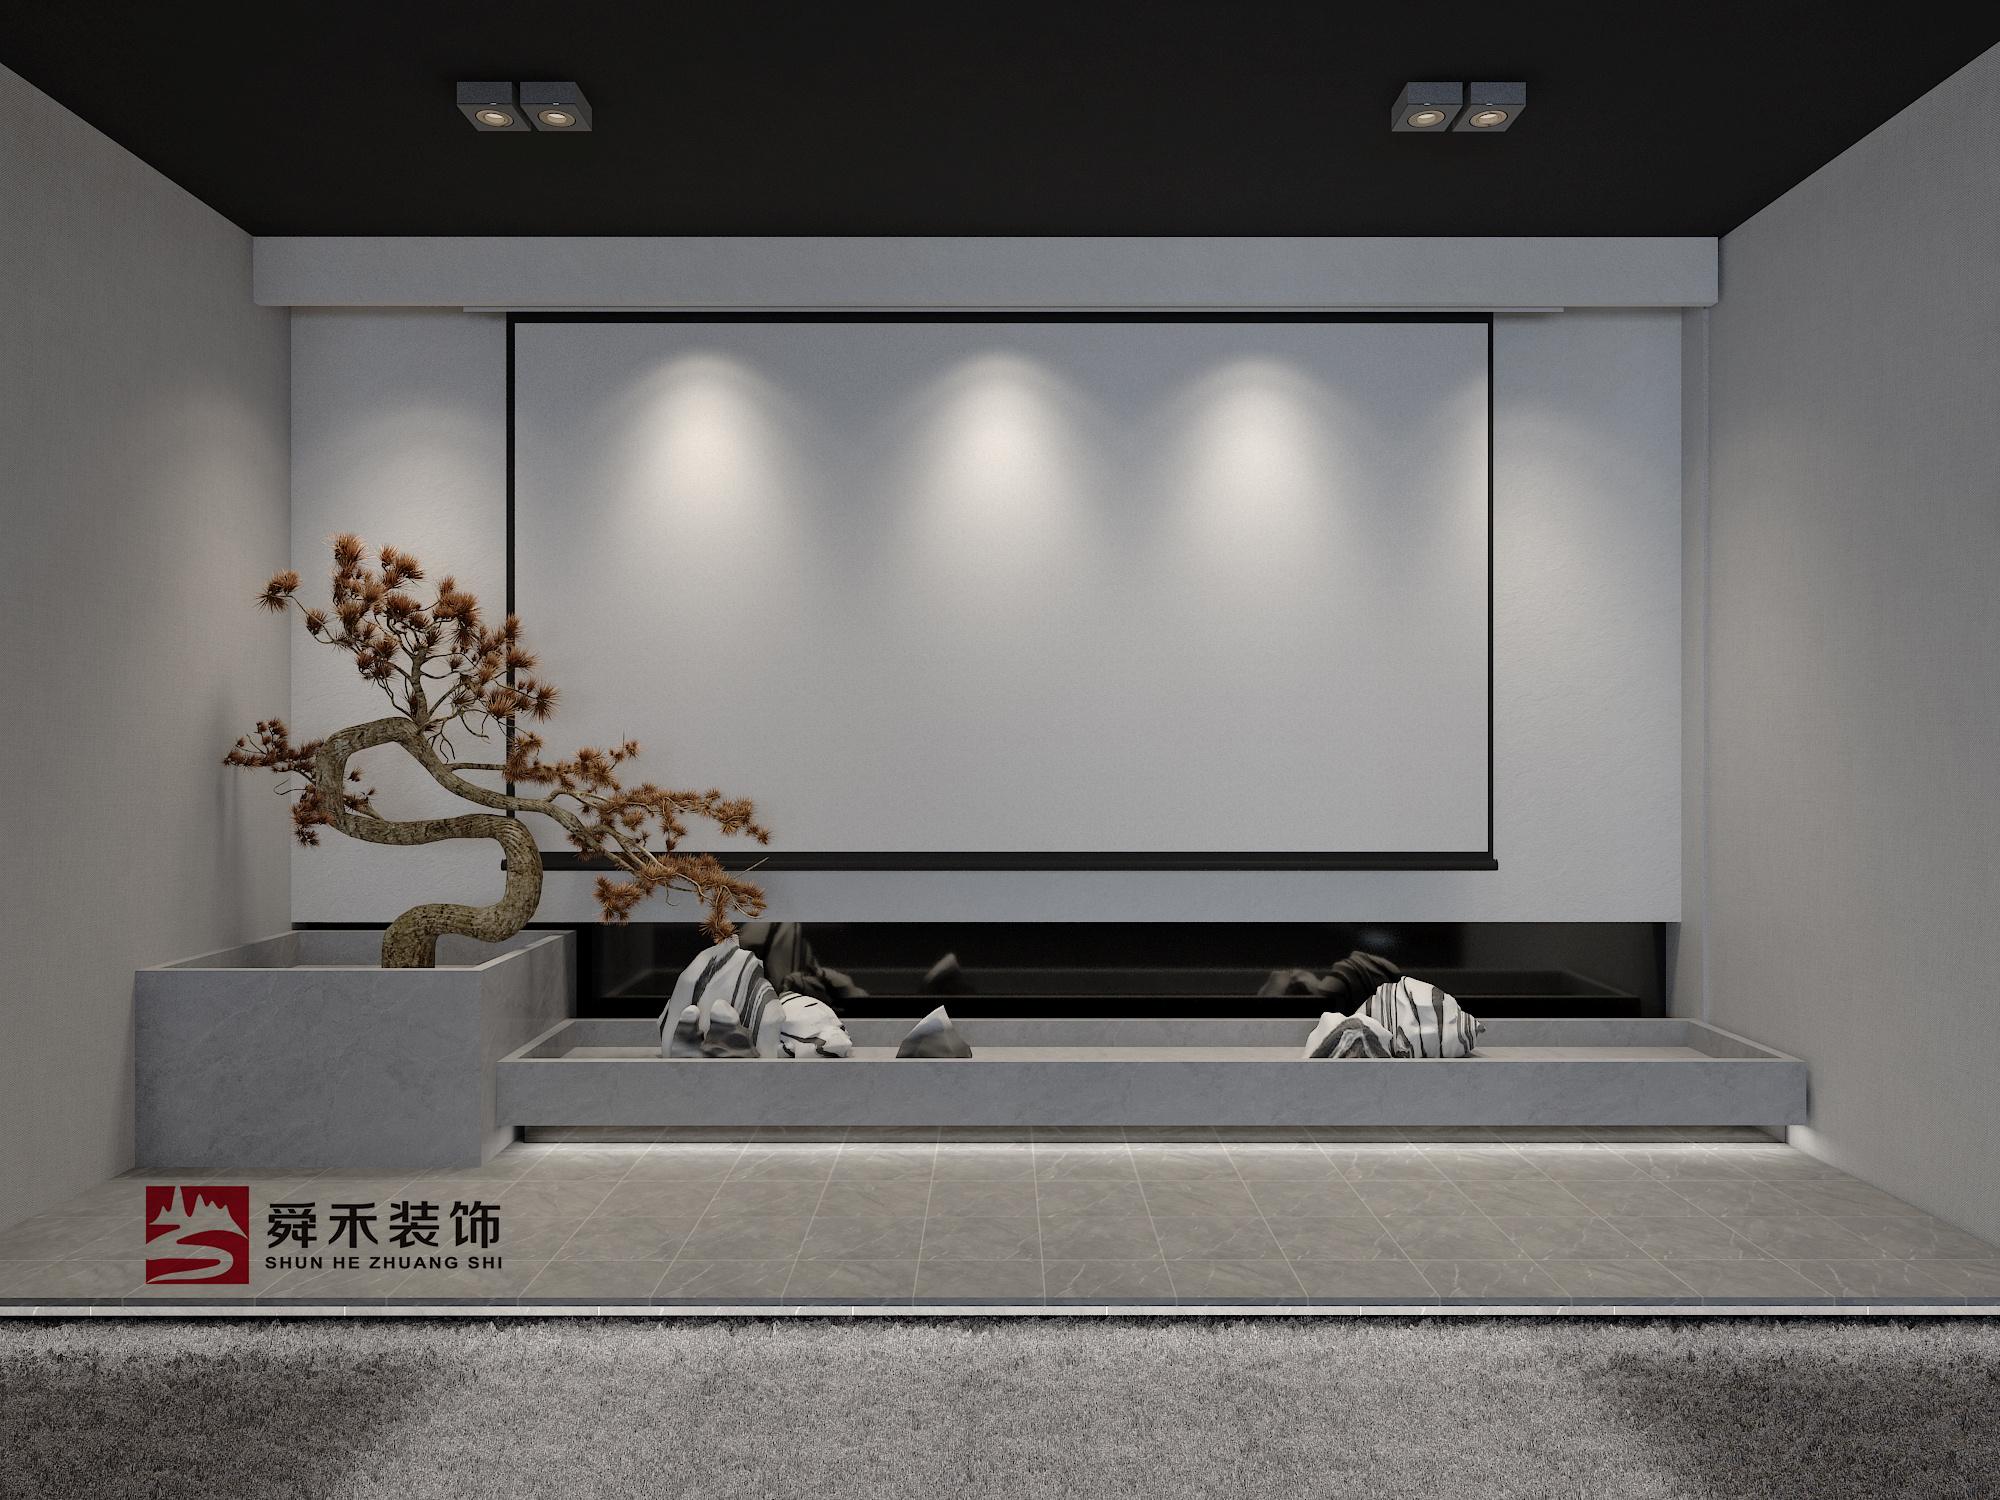 济南陶瓷展厅展馆艺术馆装修设计现代简约装修效果图